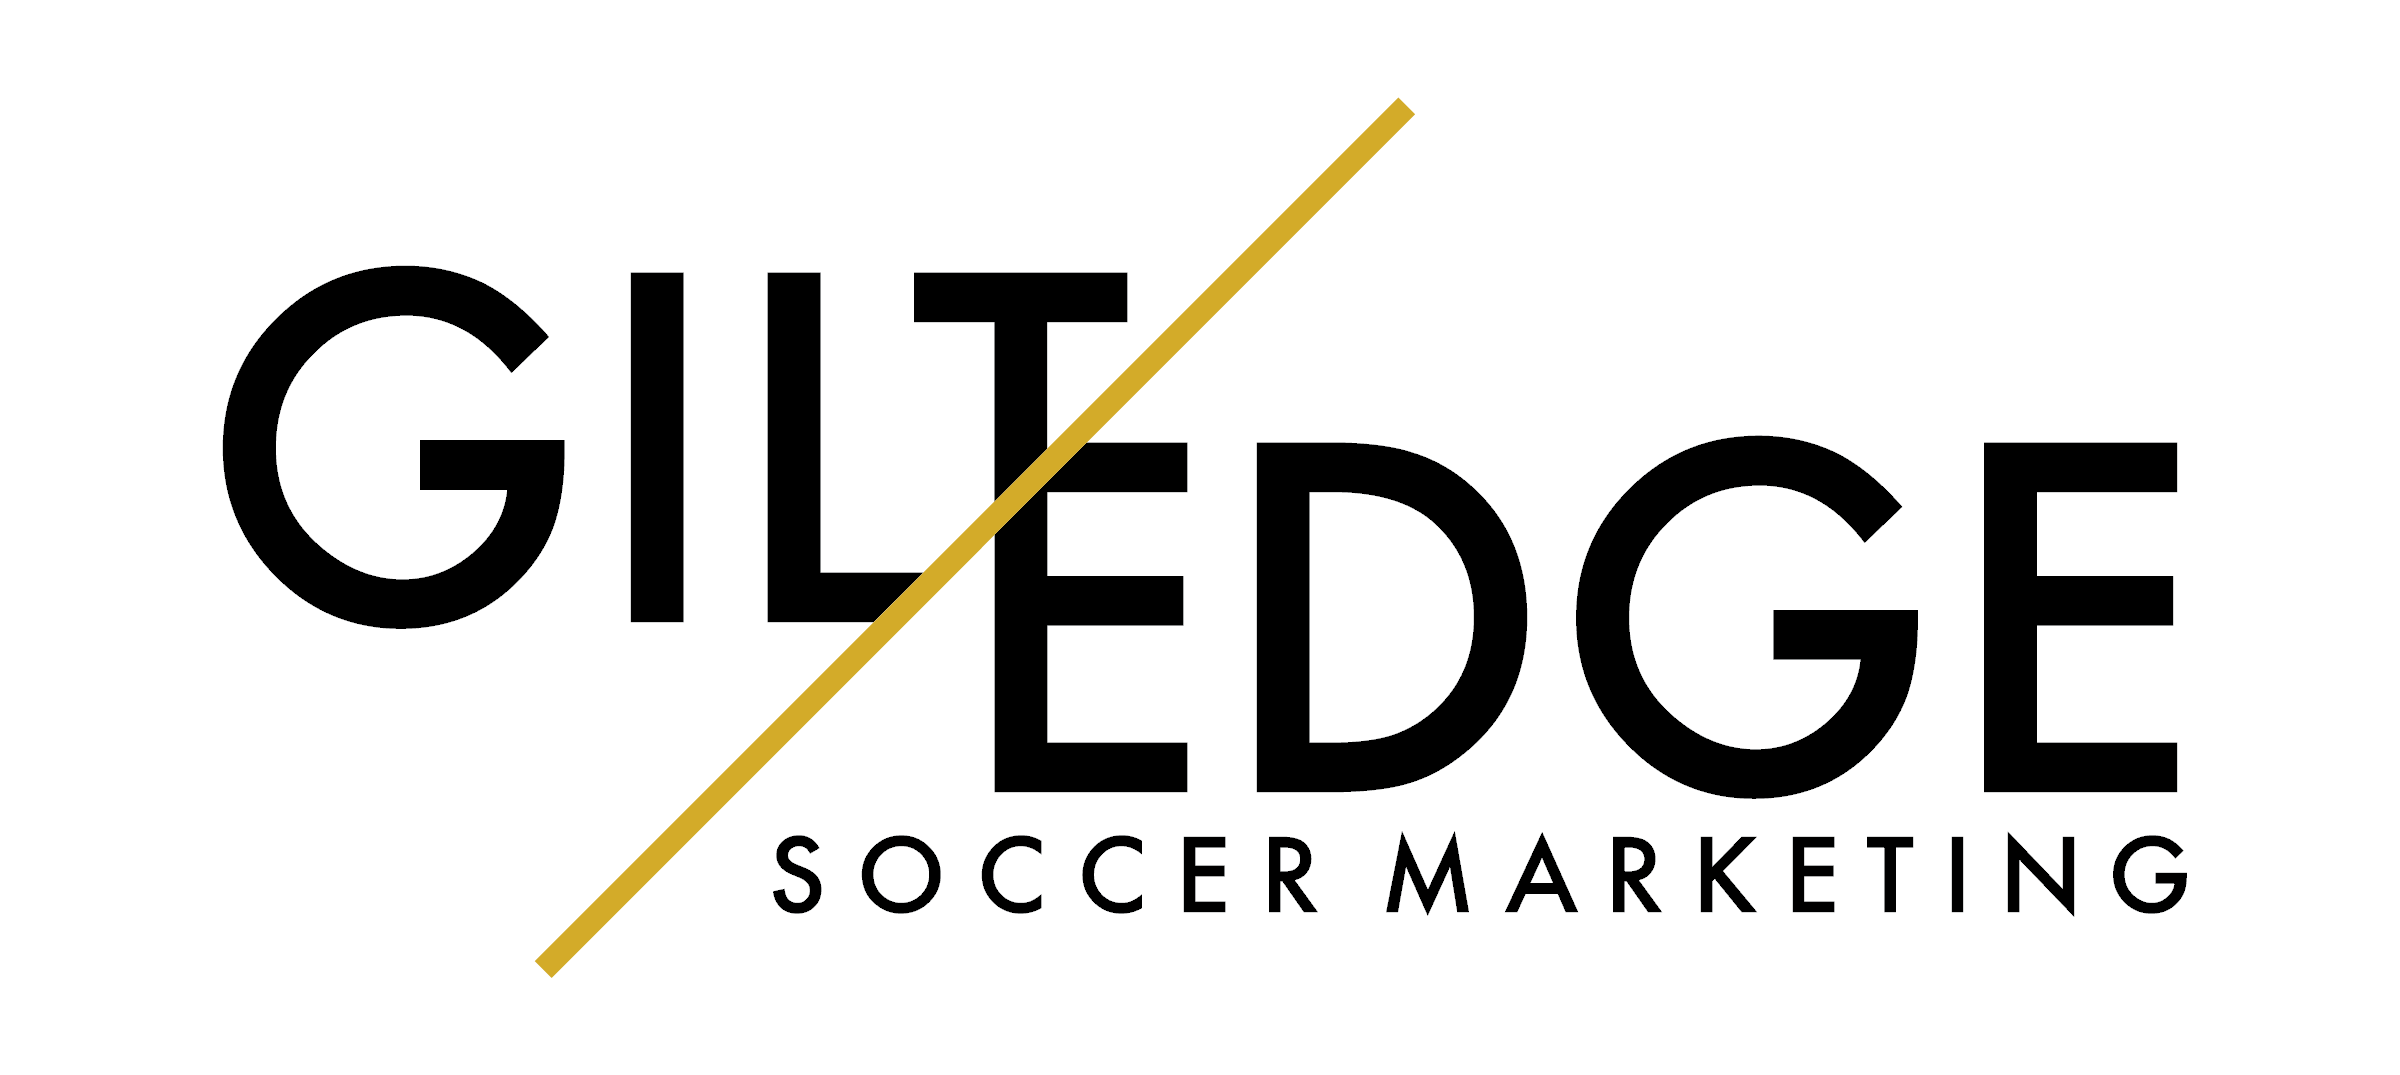 Gilt Edge Soccer Marketing